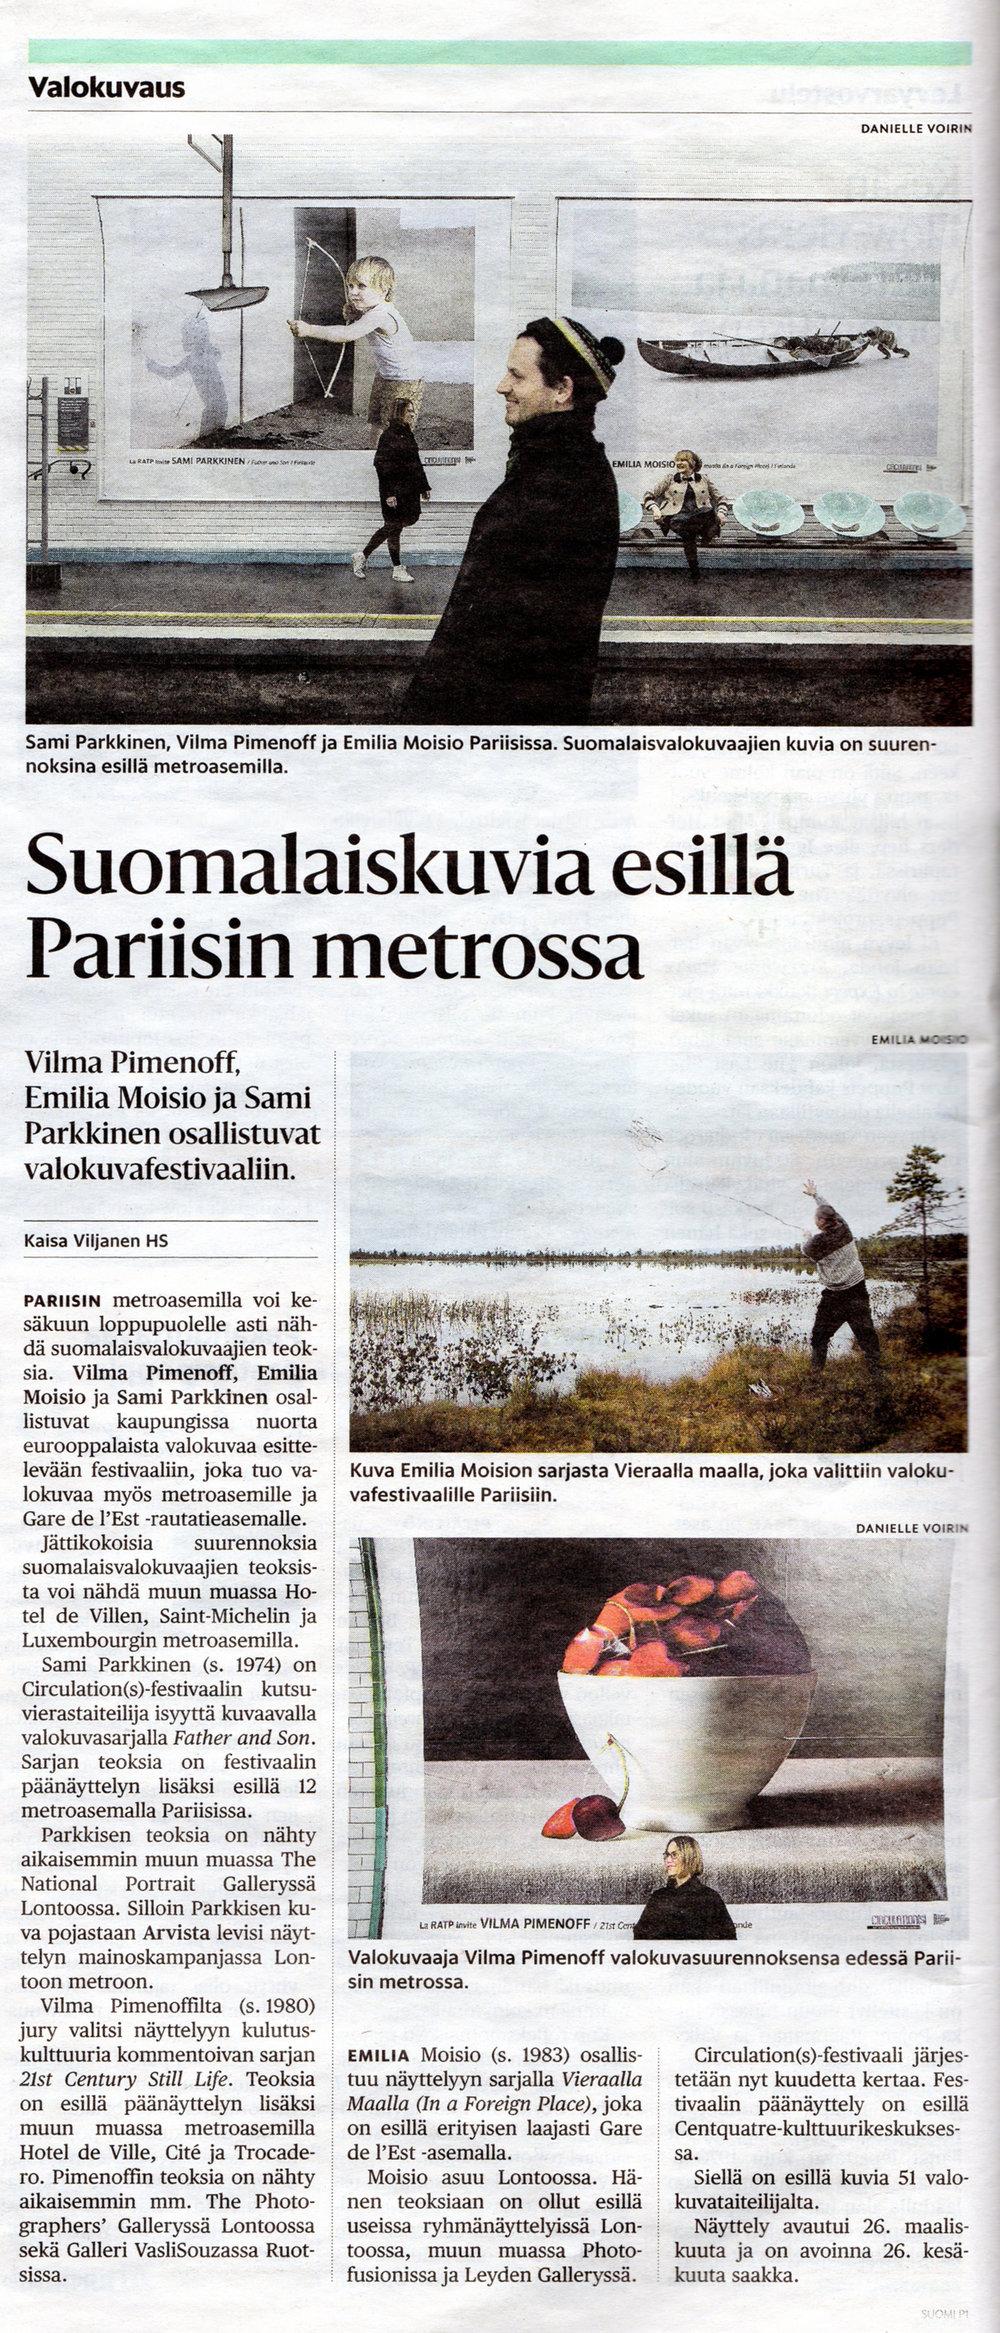 Helsingin Sanomat, Kulttuuri: Suomalaiskuvia esillä Pariisin metrossa, 30th of March 2016 page: 16